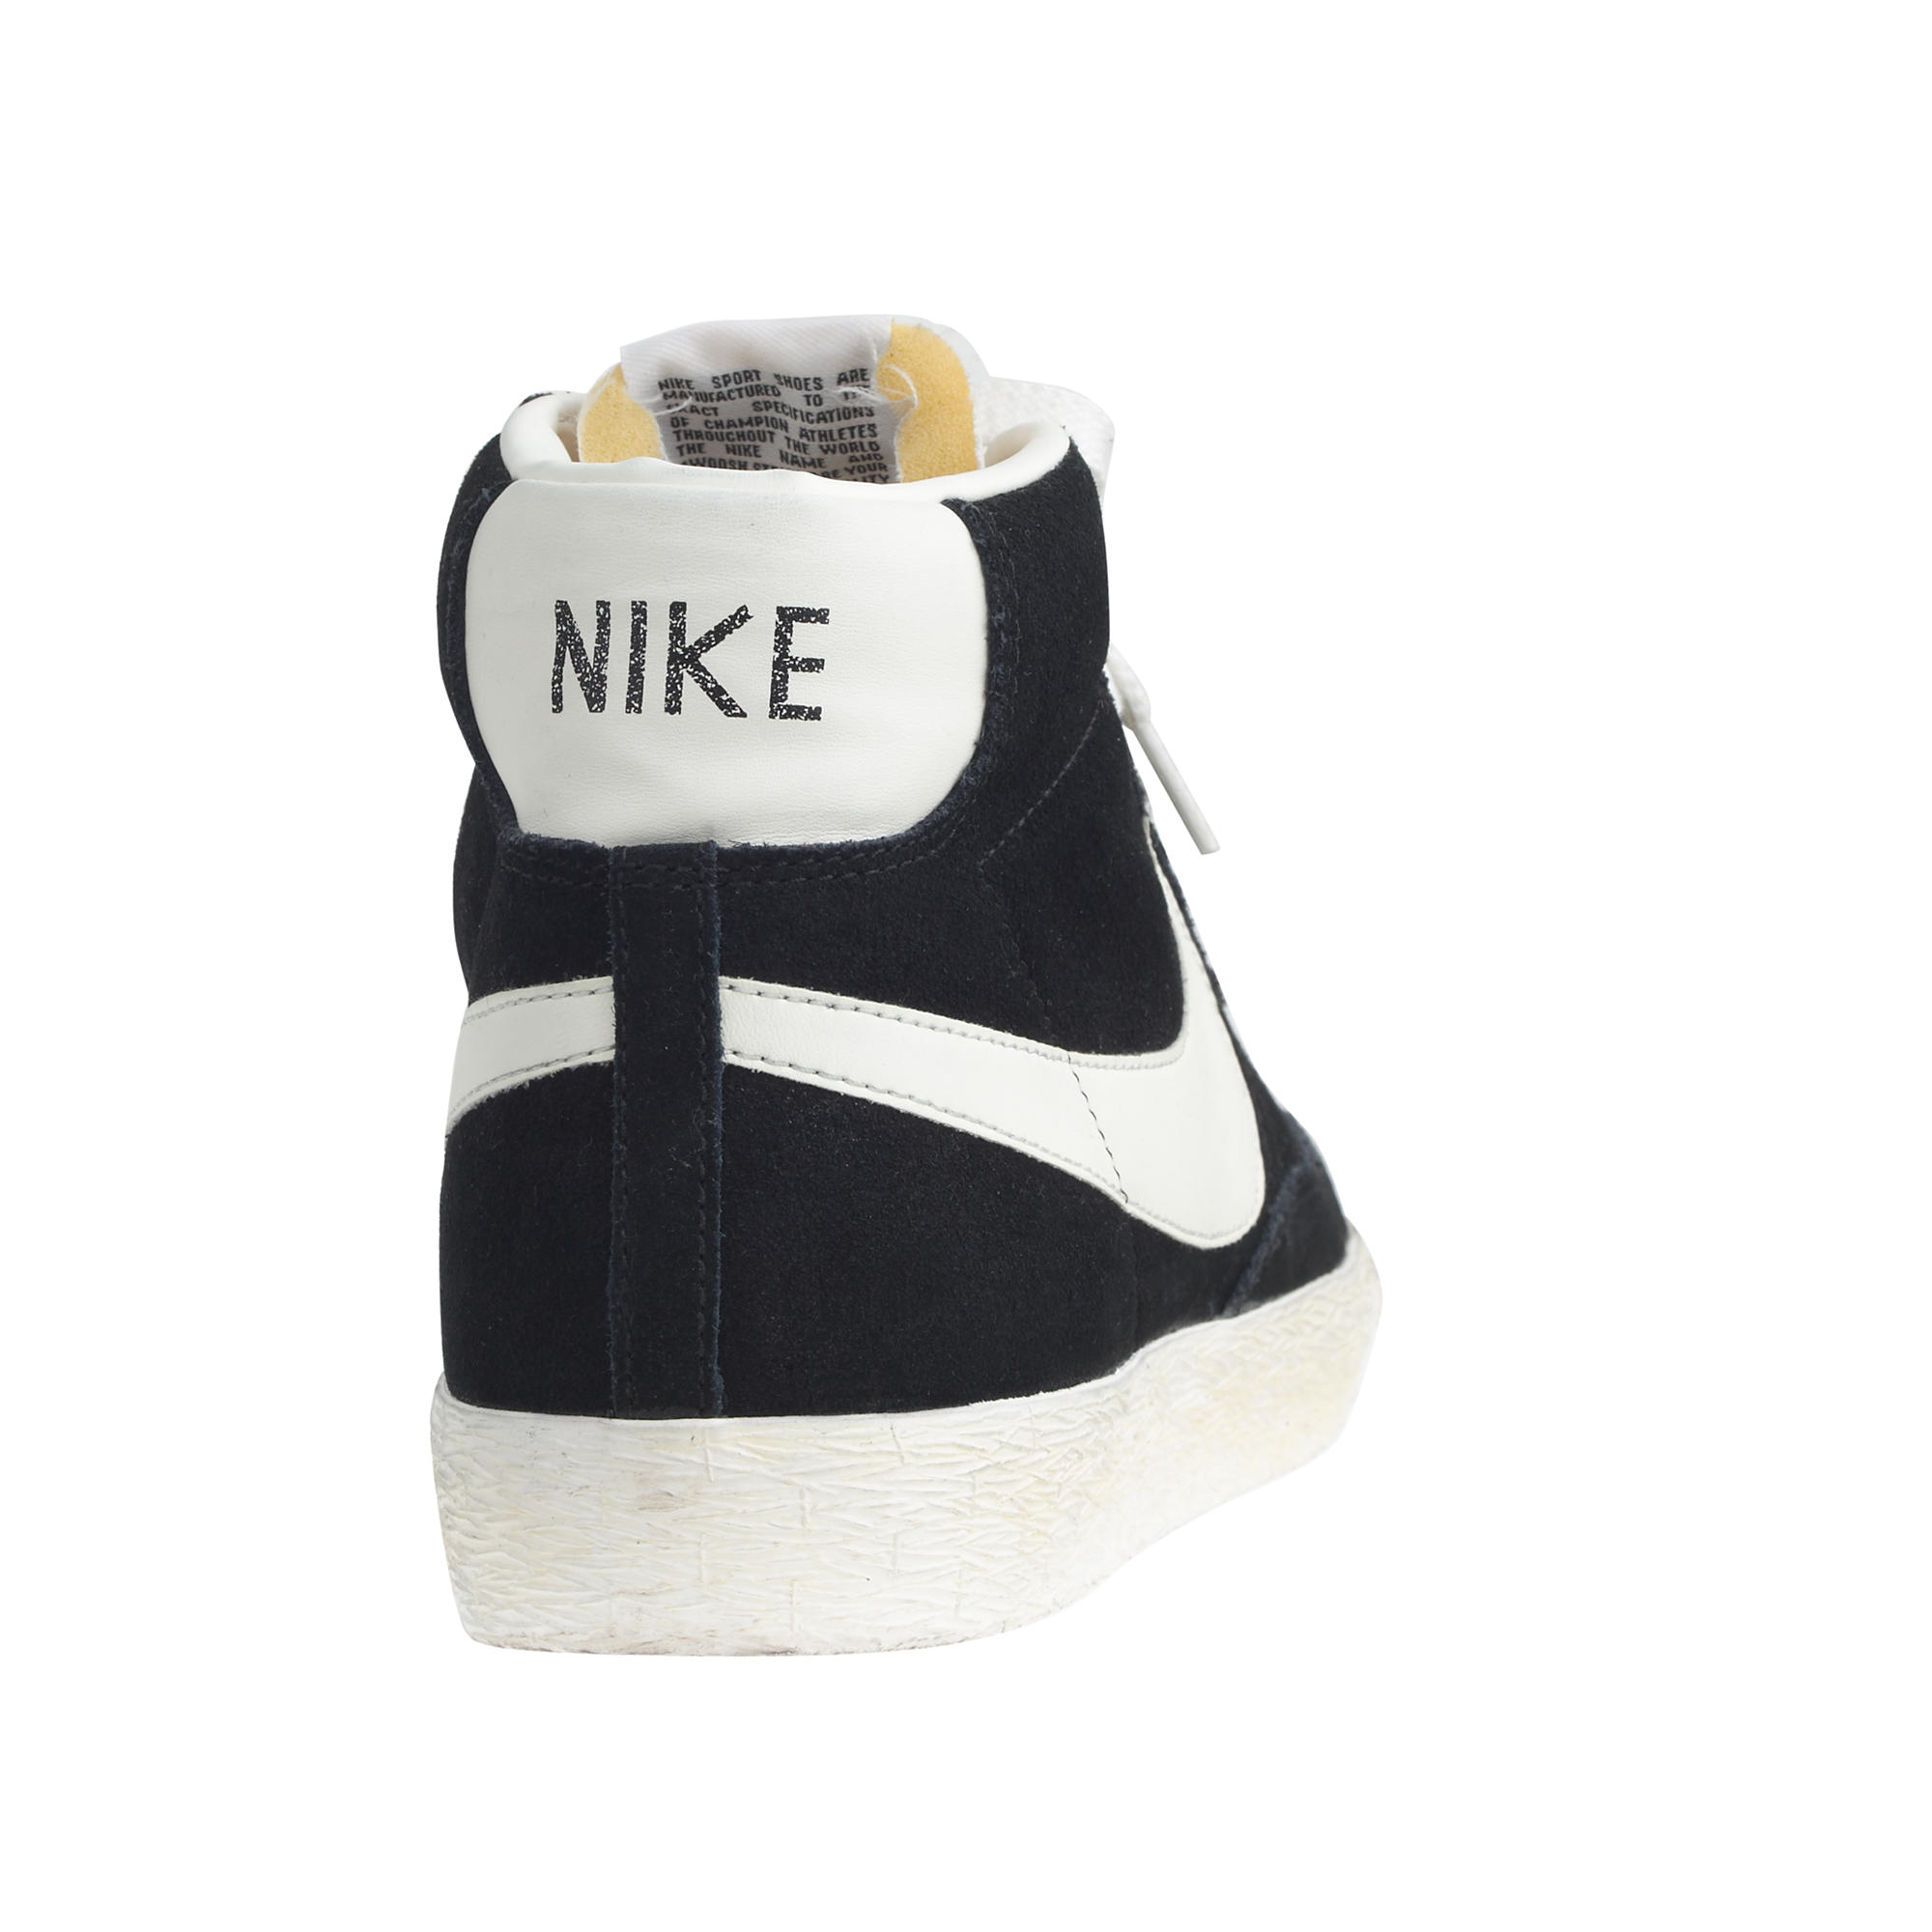 Lyst - J.Crew Men s Nike Blazer High Suede Vintage Sneakers in Black for Men 58483af4ed9d